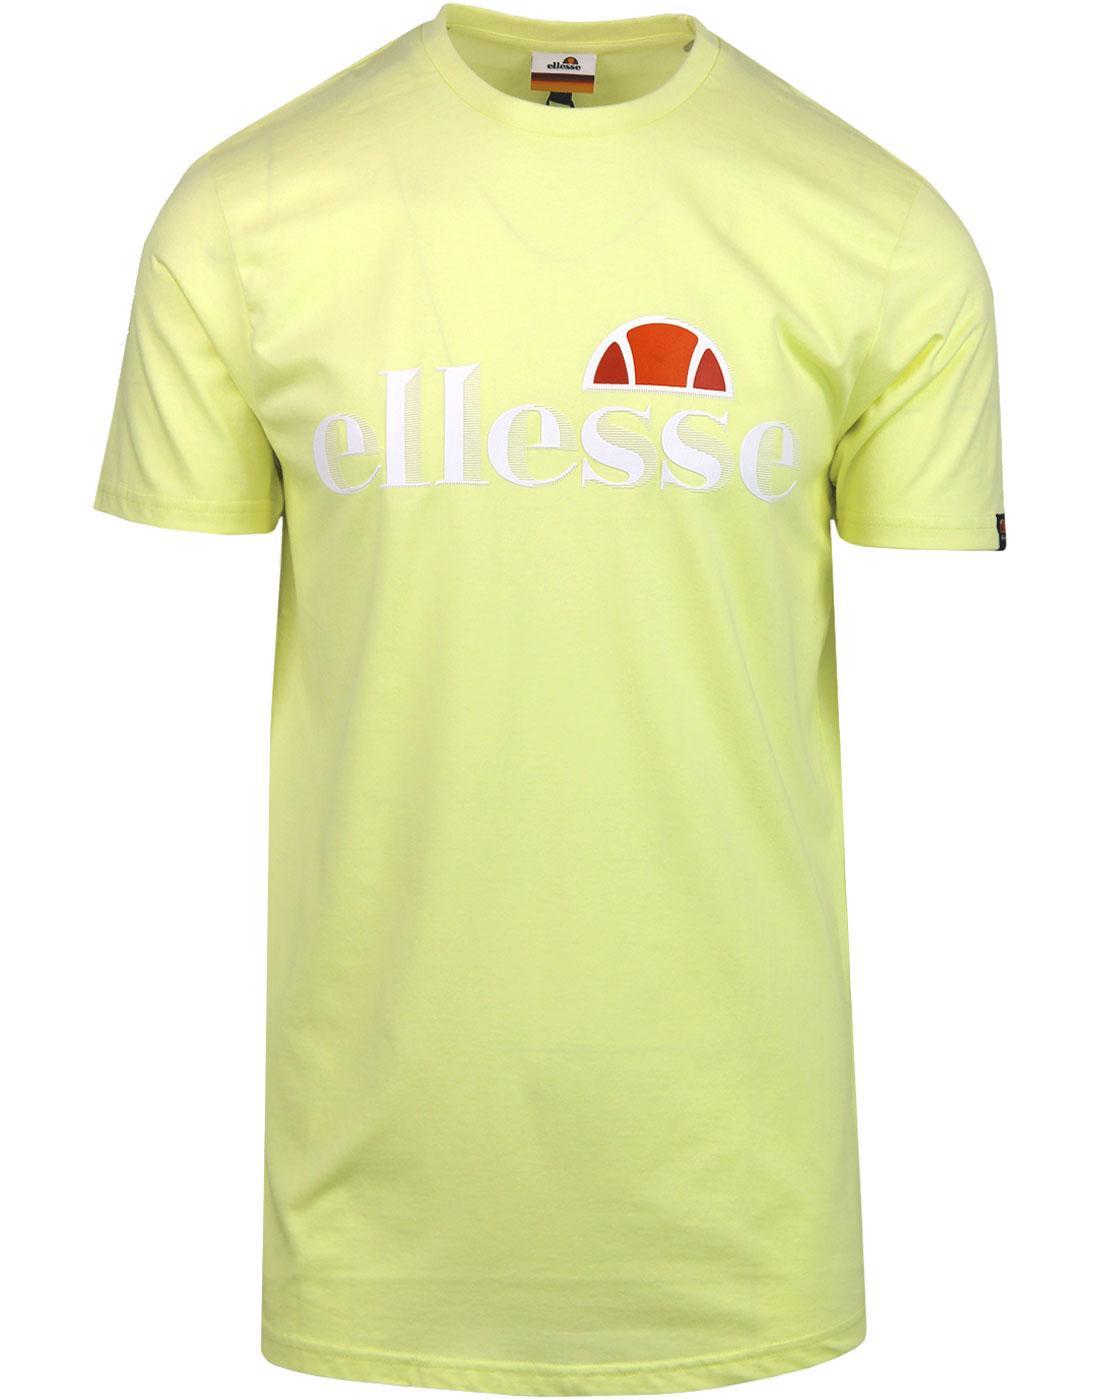 Balansat ELLESSE Retro 1980's Chest Logo Tee TY